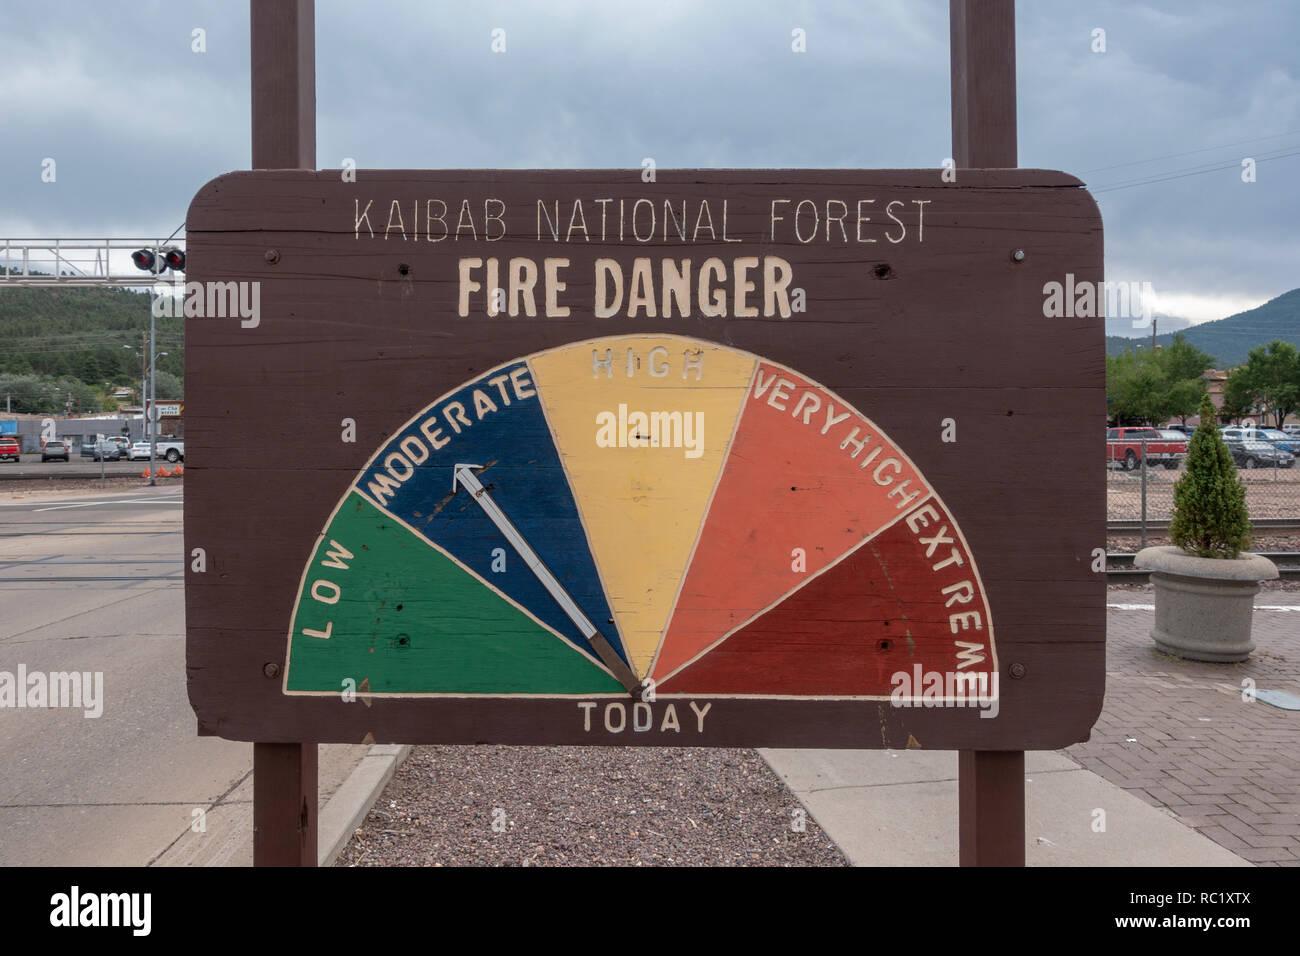 Kaibab National Forest Fire avviso di pericolo (impostato a moderato) in Williams, Northern Arizona, Stati Uniti d'America. Immagini Stock